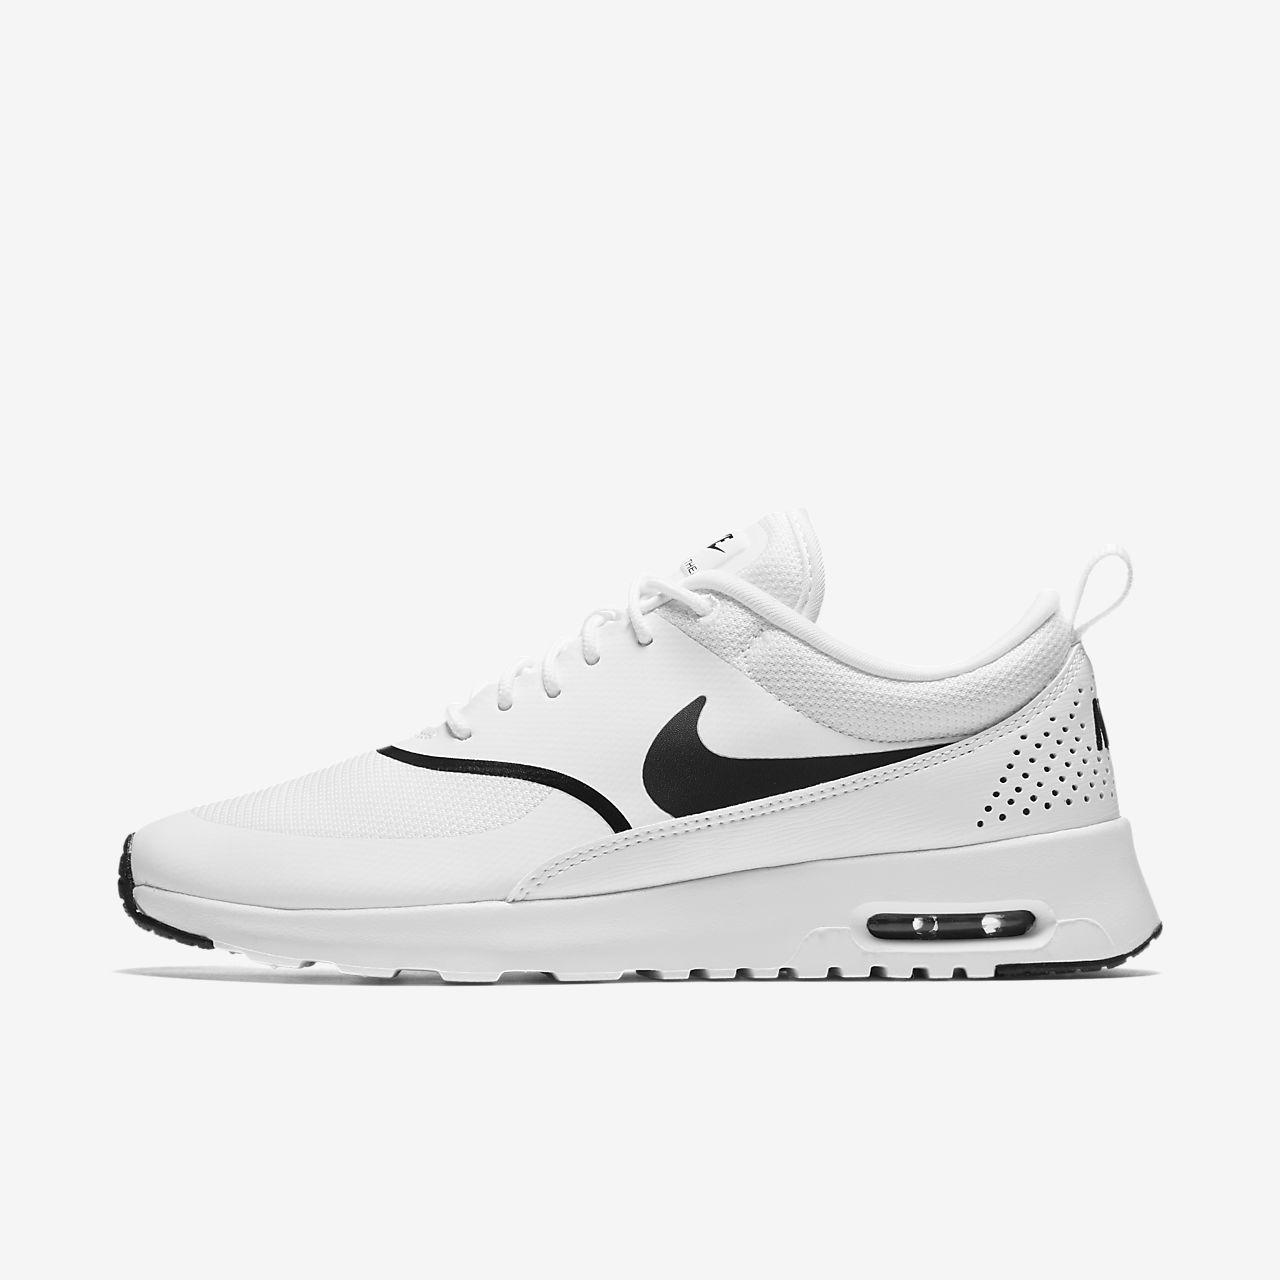 6cae95ca Женские кроссовки Nike Air Max Thea. Nike.com RU